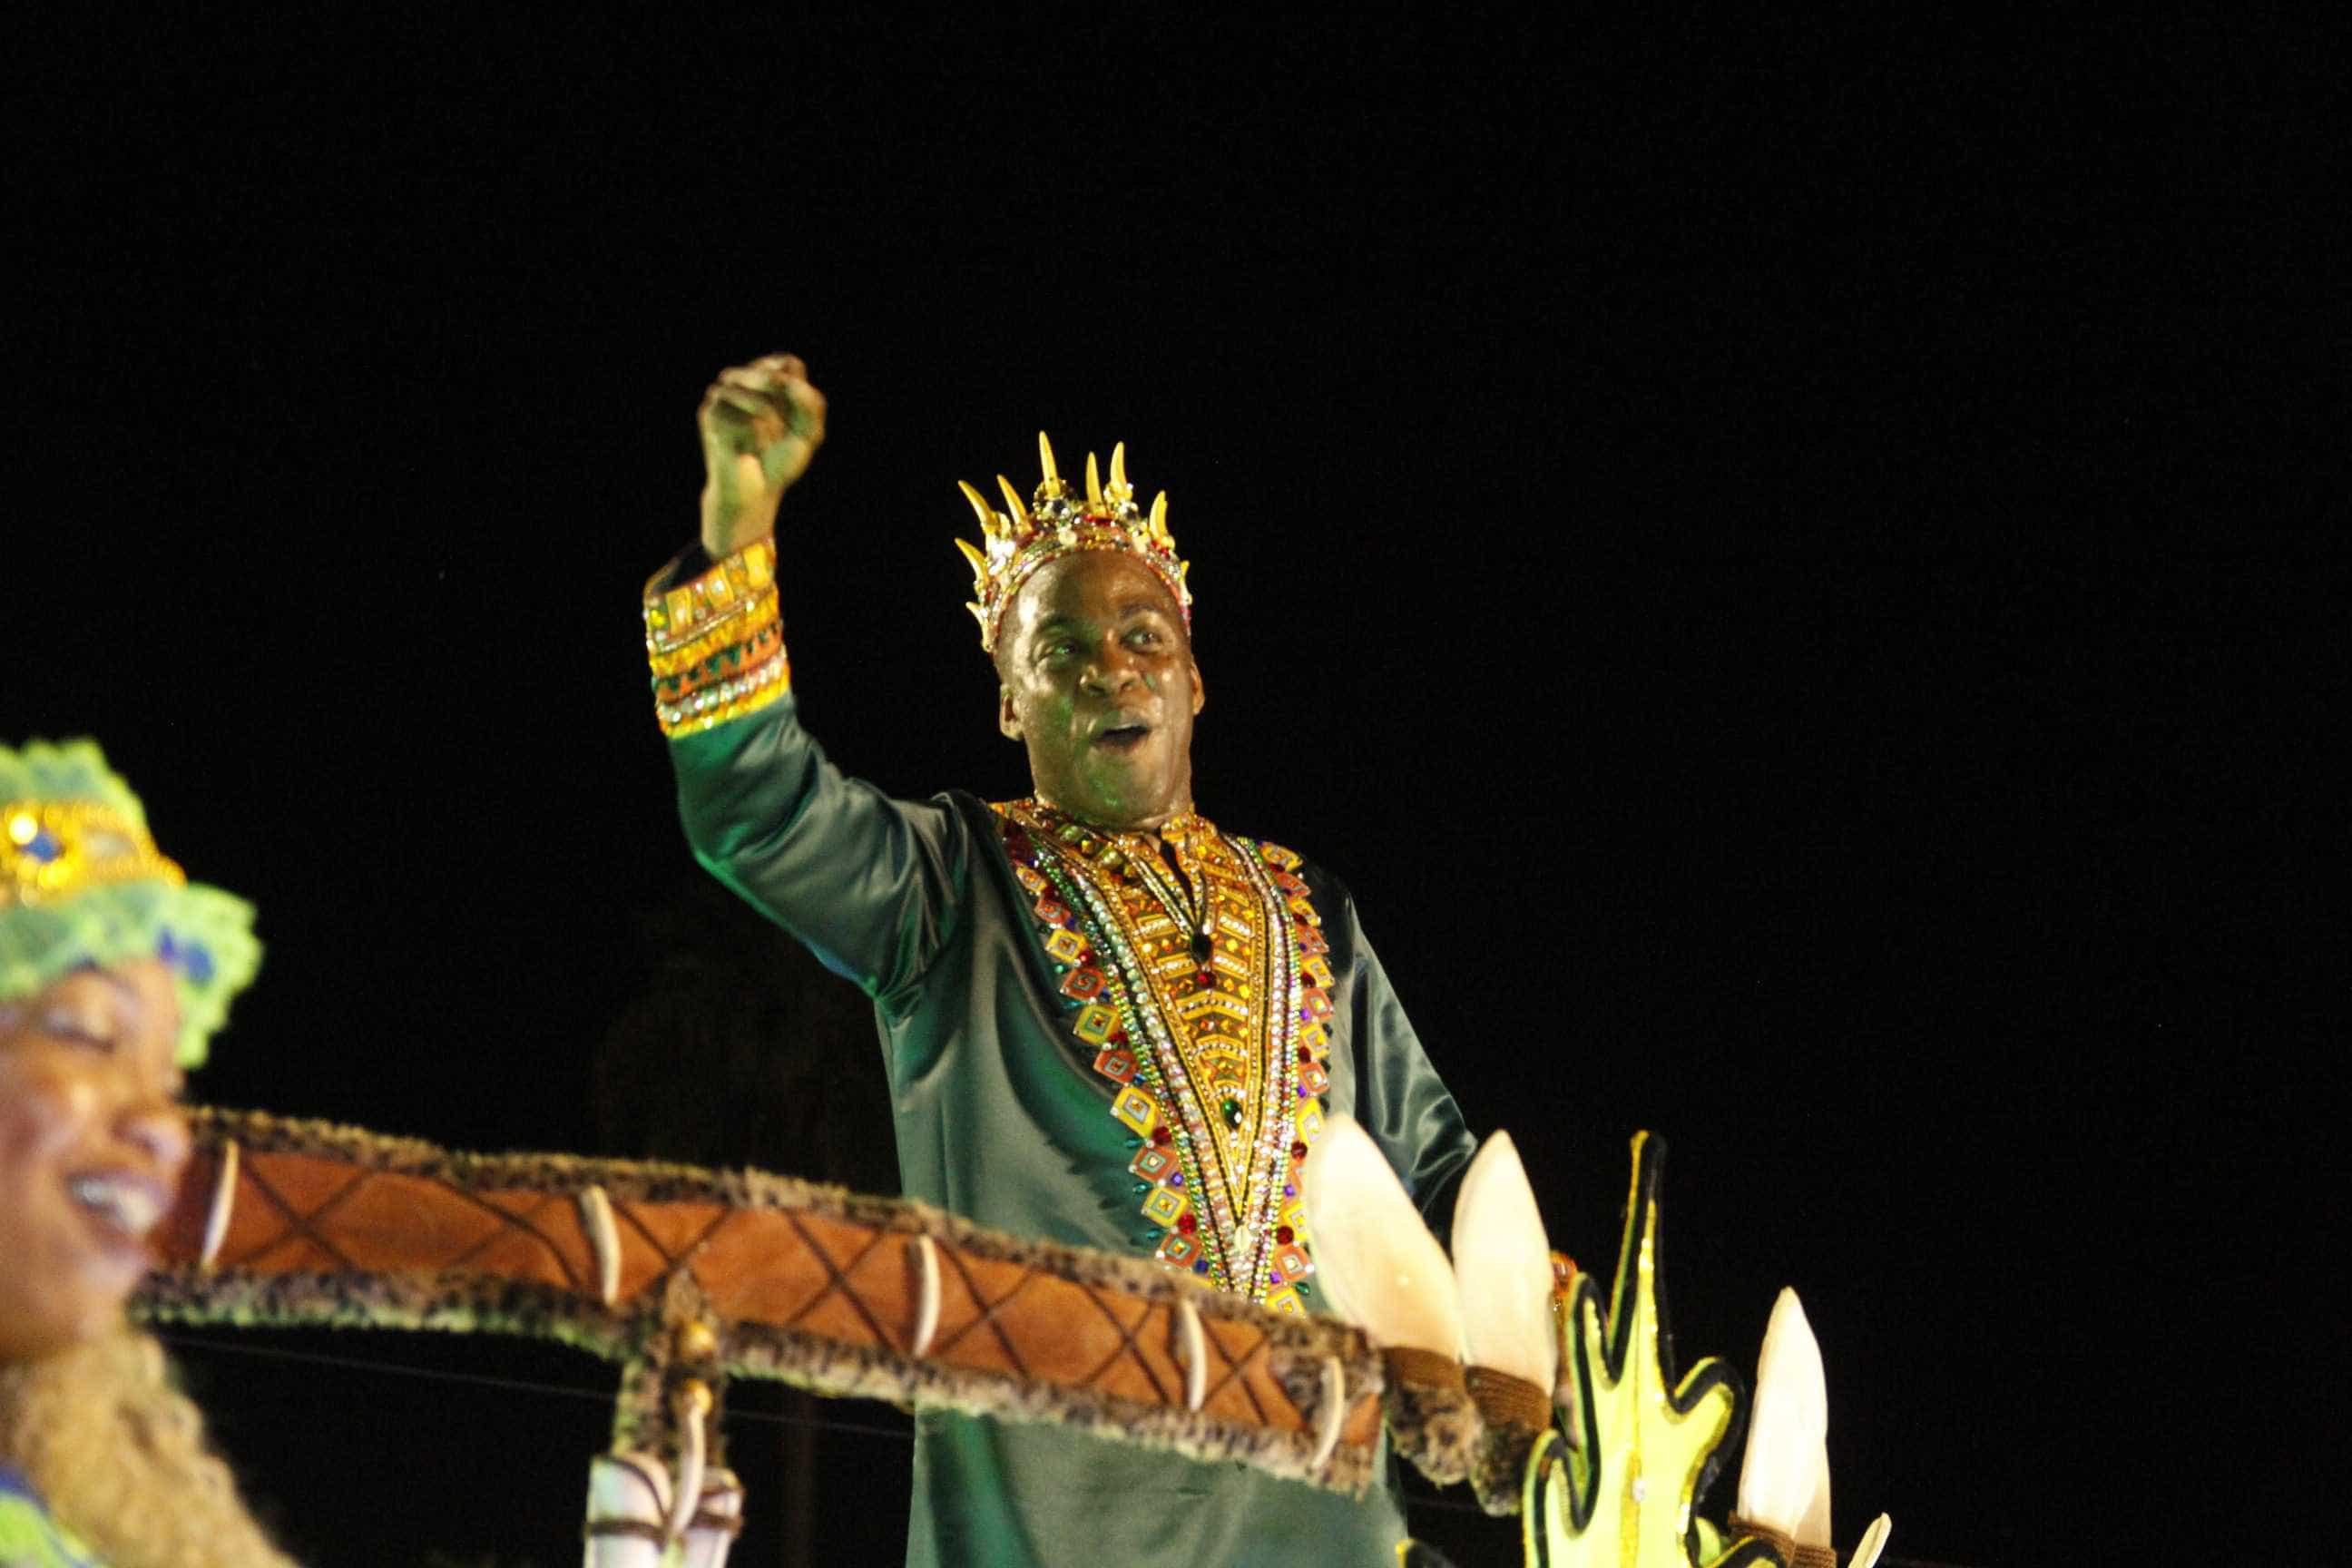 Musas, beijos e camarotes: a folia dos famosos no Carnaval